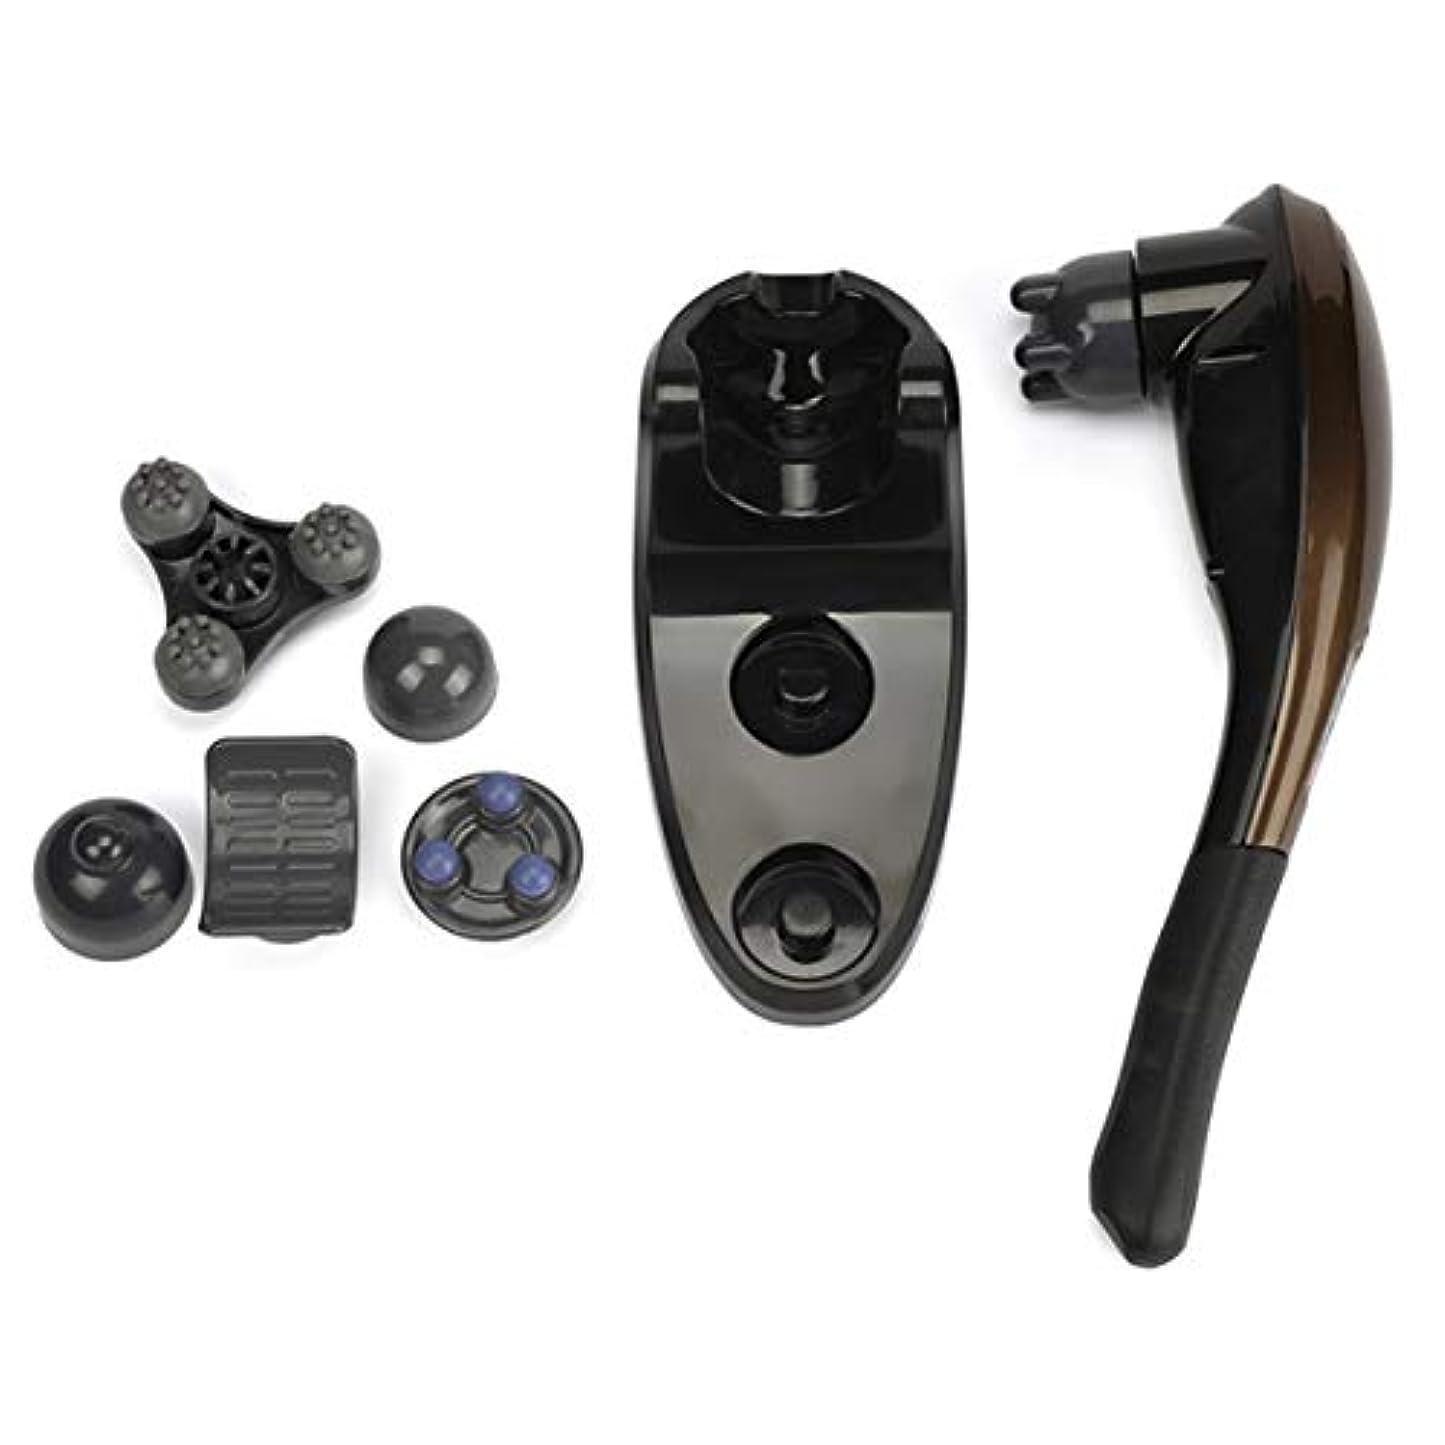 開梱機動ベンチャーIntercoreyクリエイティブ多機能家庭用充電イルカマッサージャー電動ビートマッサージハンマー頸部マッサージャー